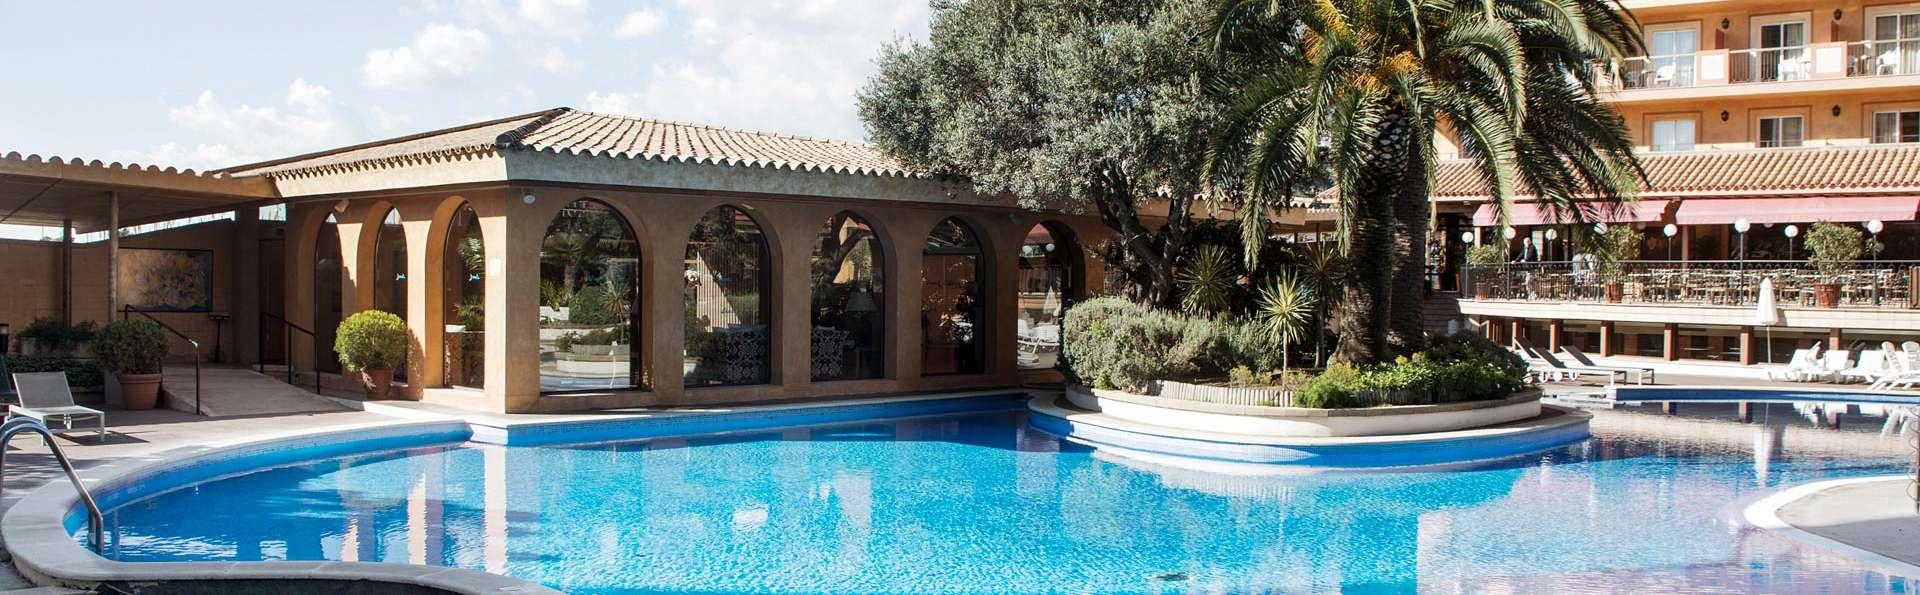 Relax total con zona de aguas, yoga, meditación y mucho más en Malgrat de Mar